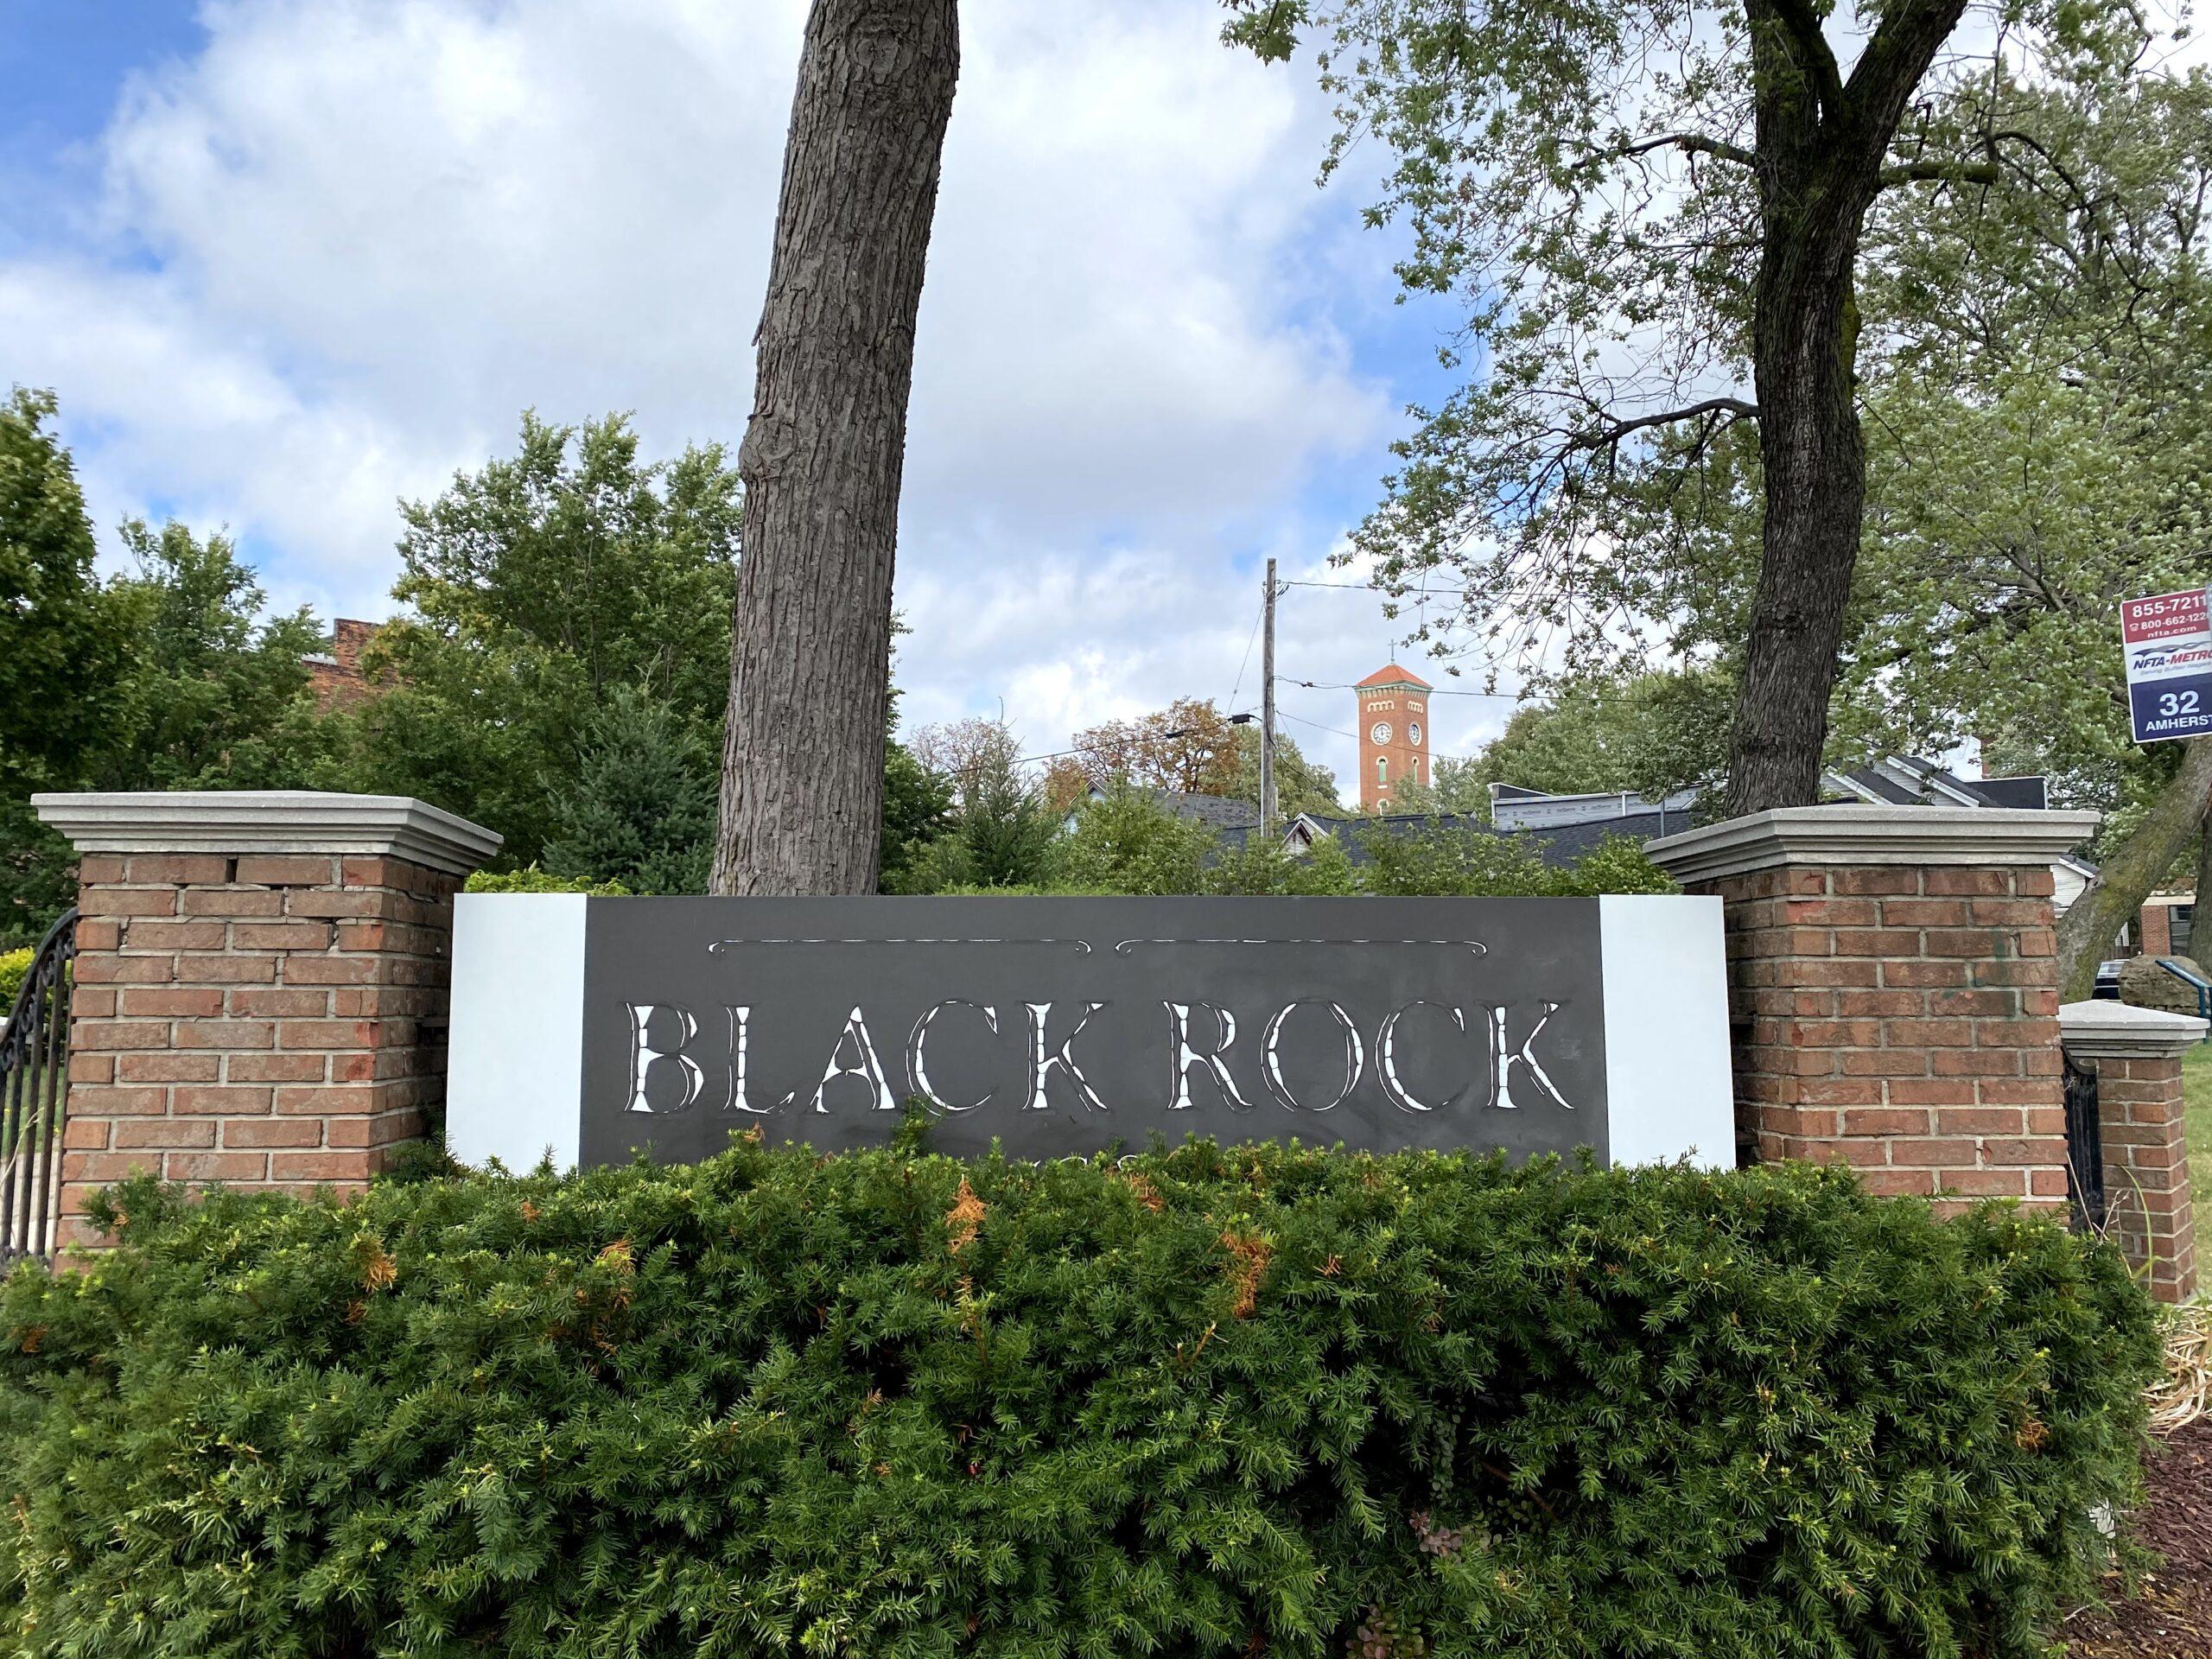 image of the Black Rock neighborhood sign